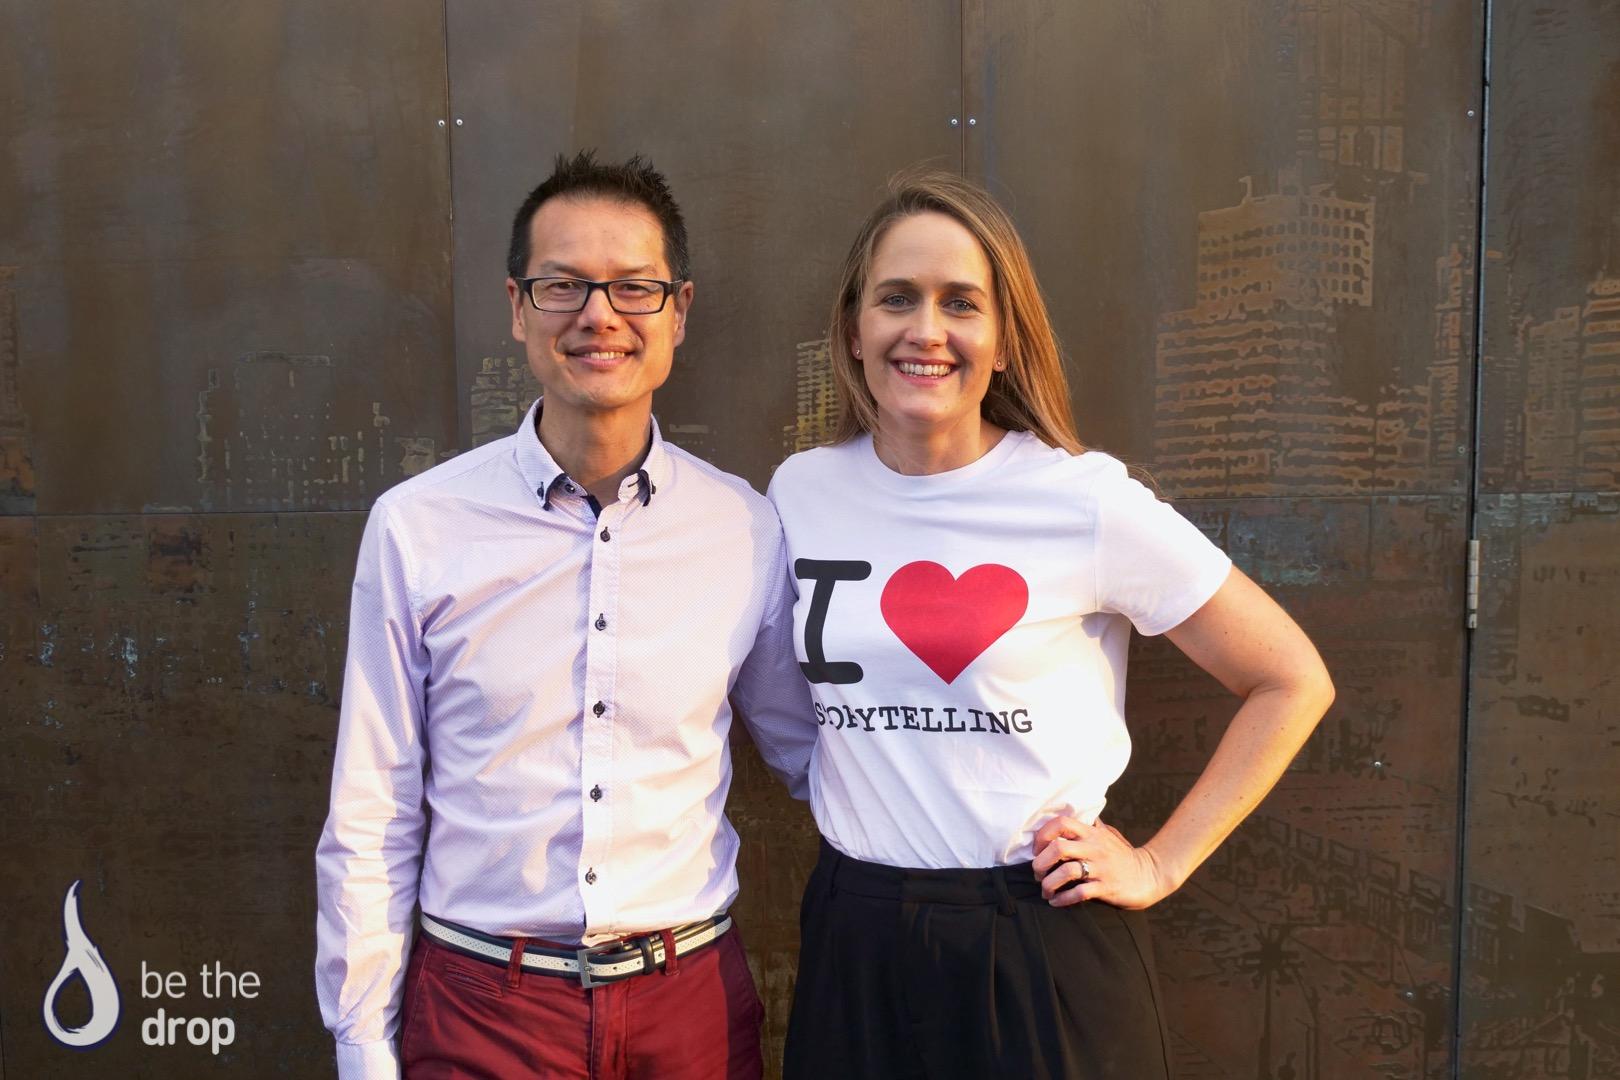 Jon Yeo and Amelia Veale